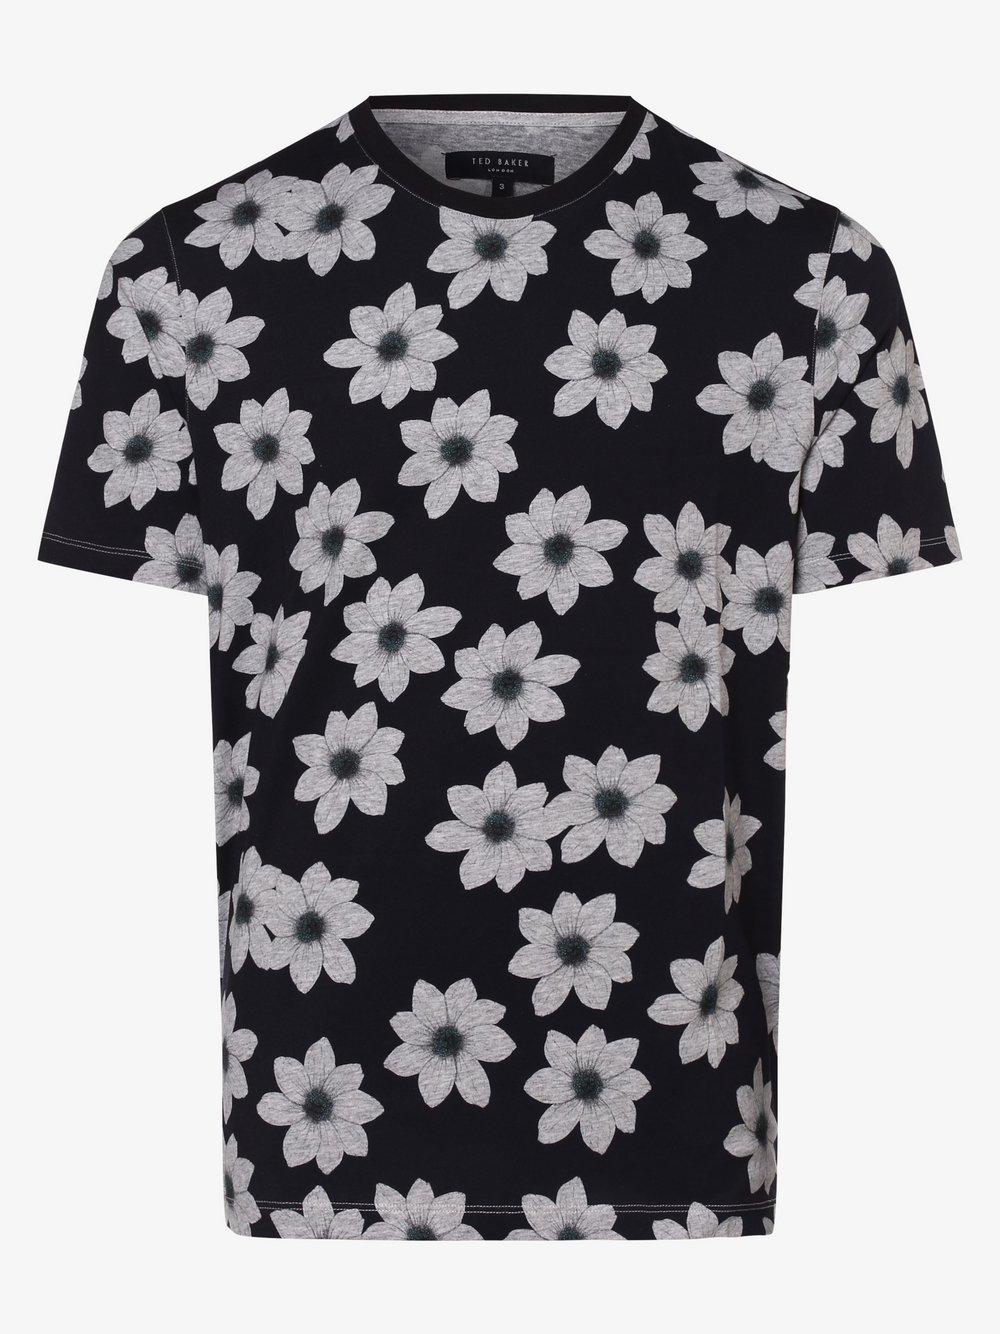 Ted Baker – T-shirt męski – Nade, niebieski Van Graaf 463321-0001-09940